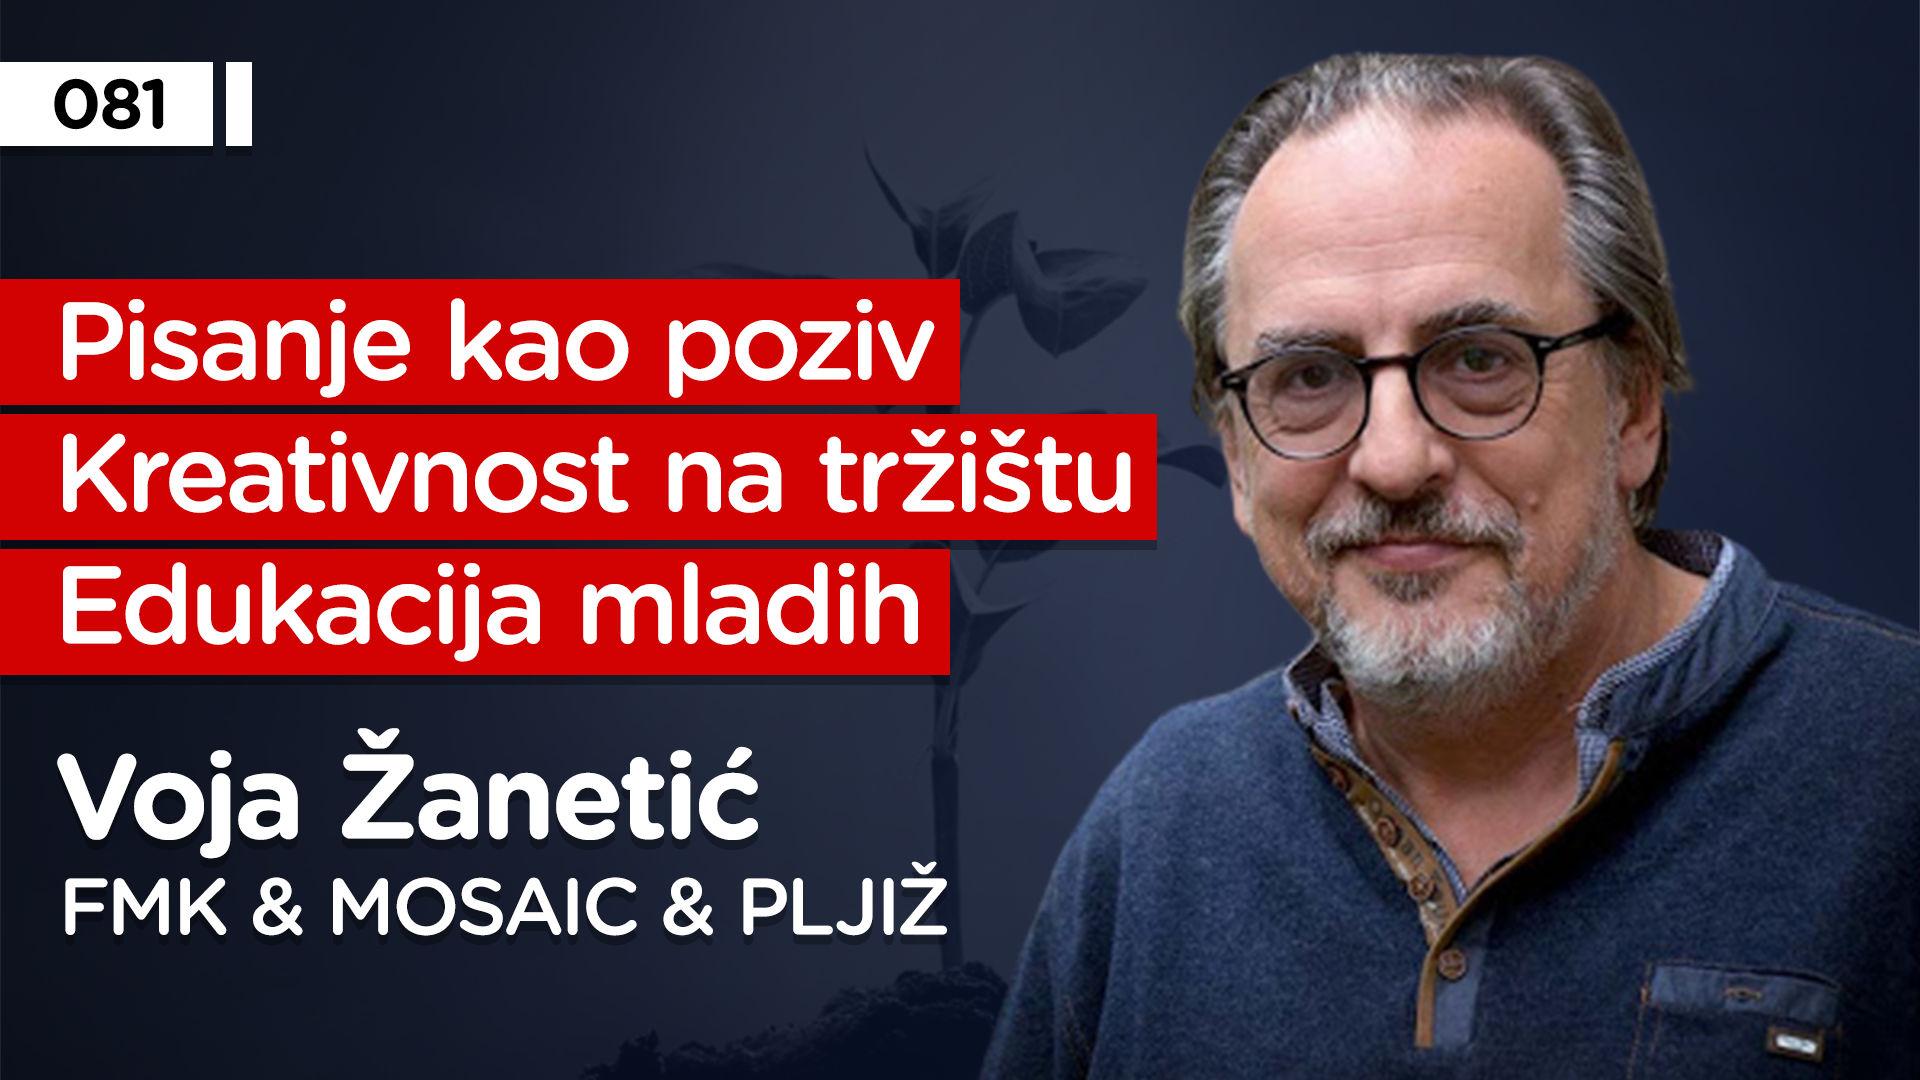 EP081: Voja Žanetić